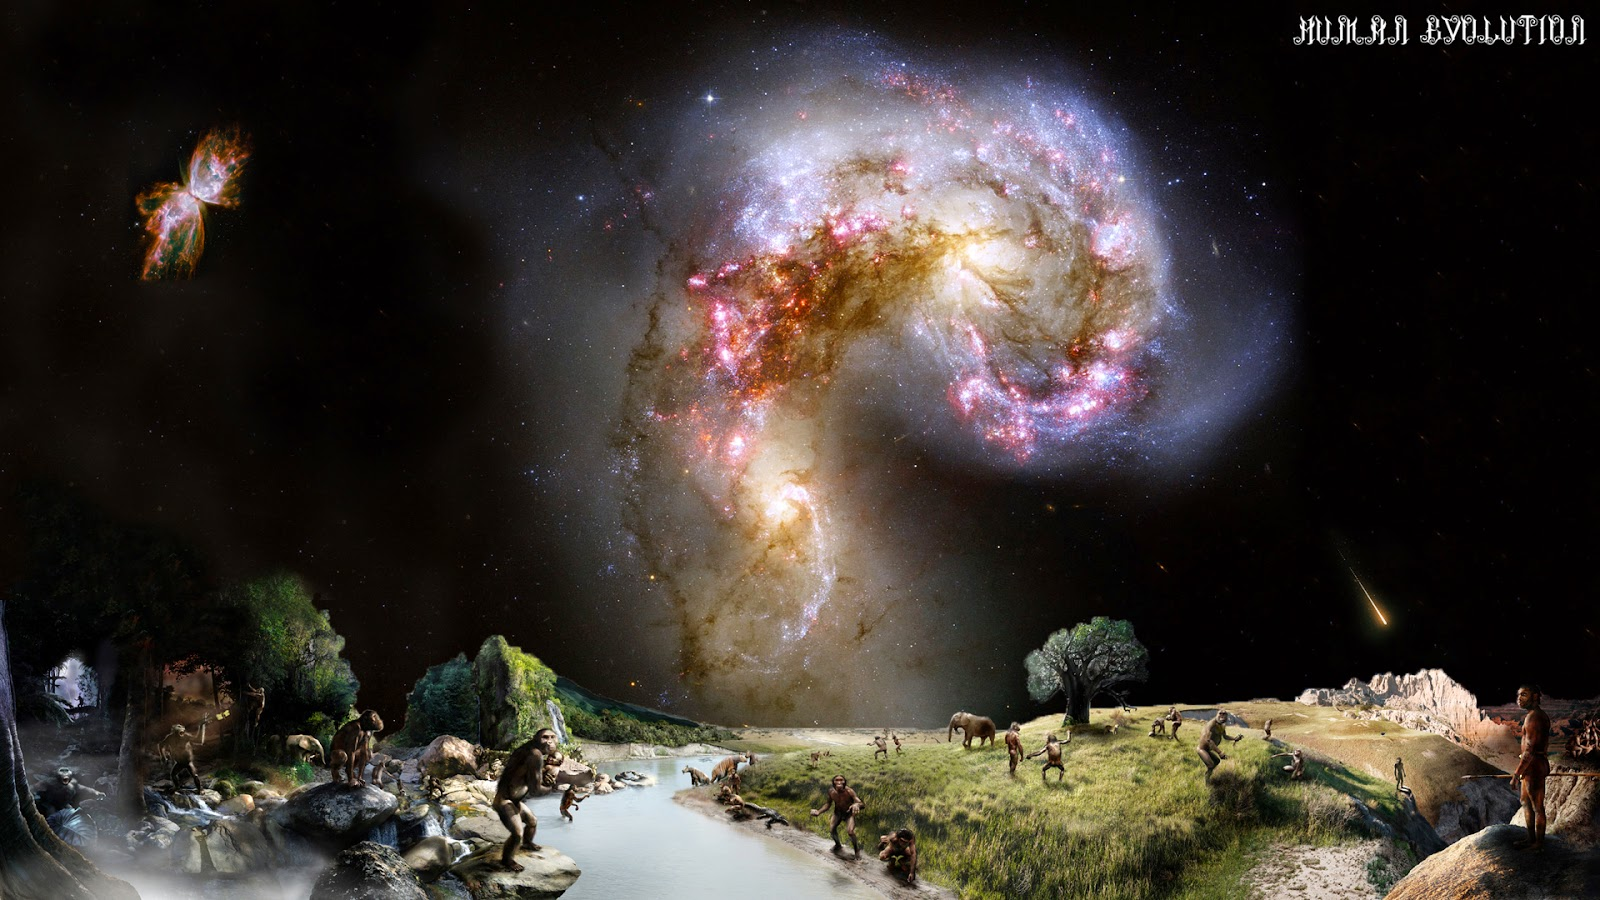 Всичко това е част от еволюционния ви план и ви подготвя за пълно съзнание